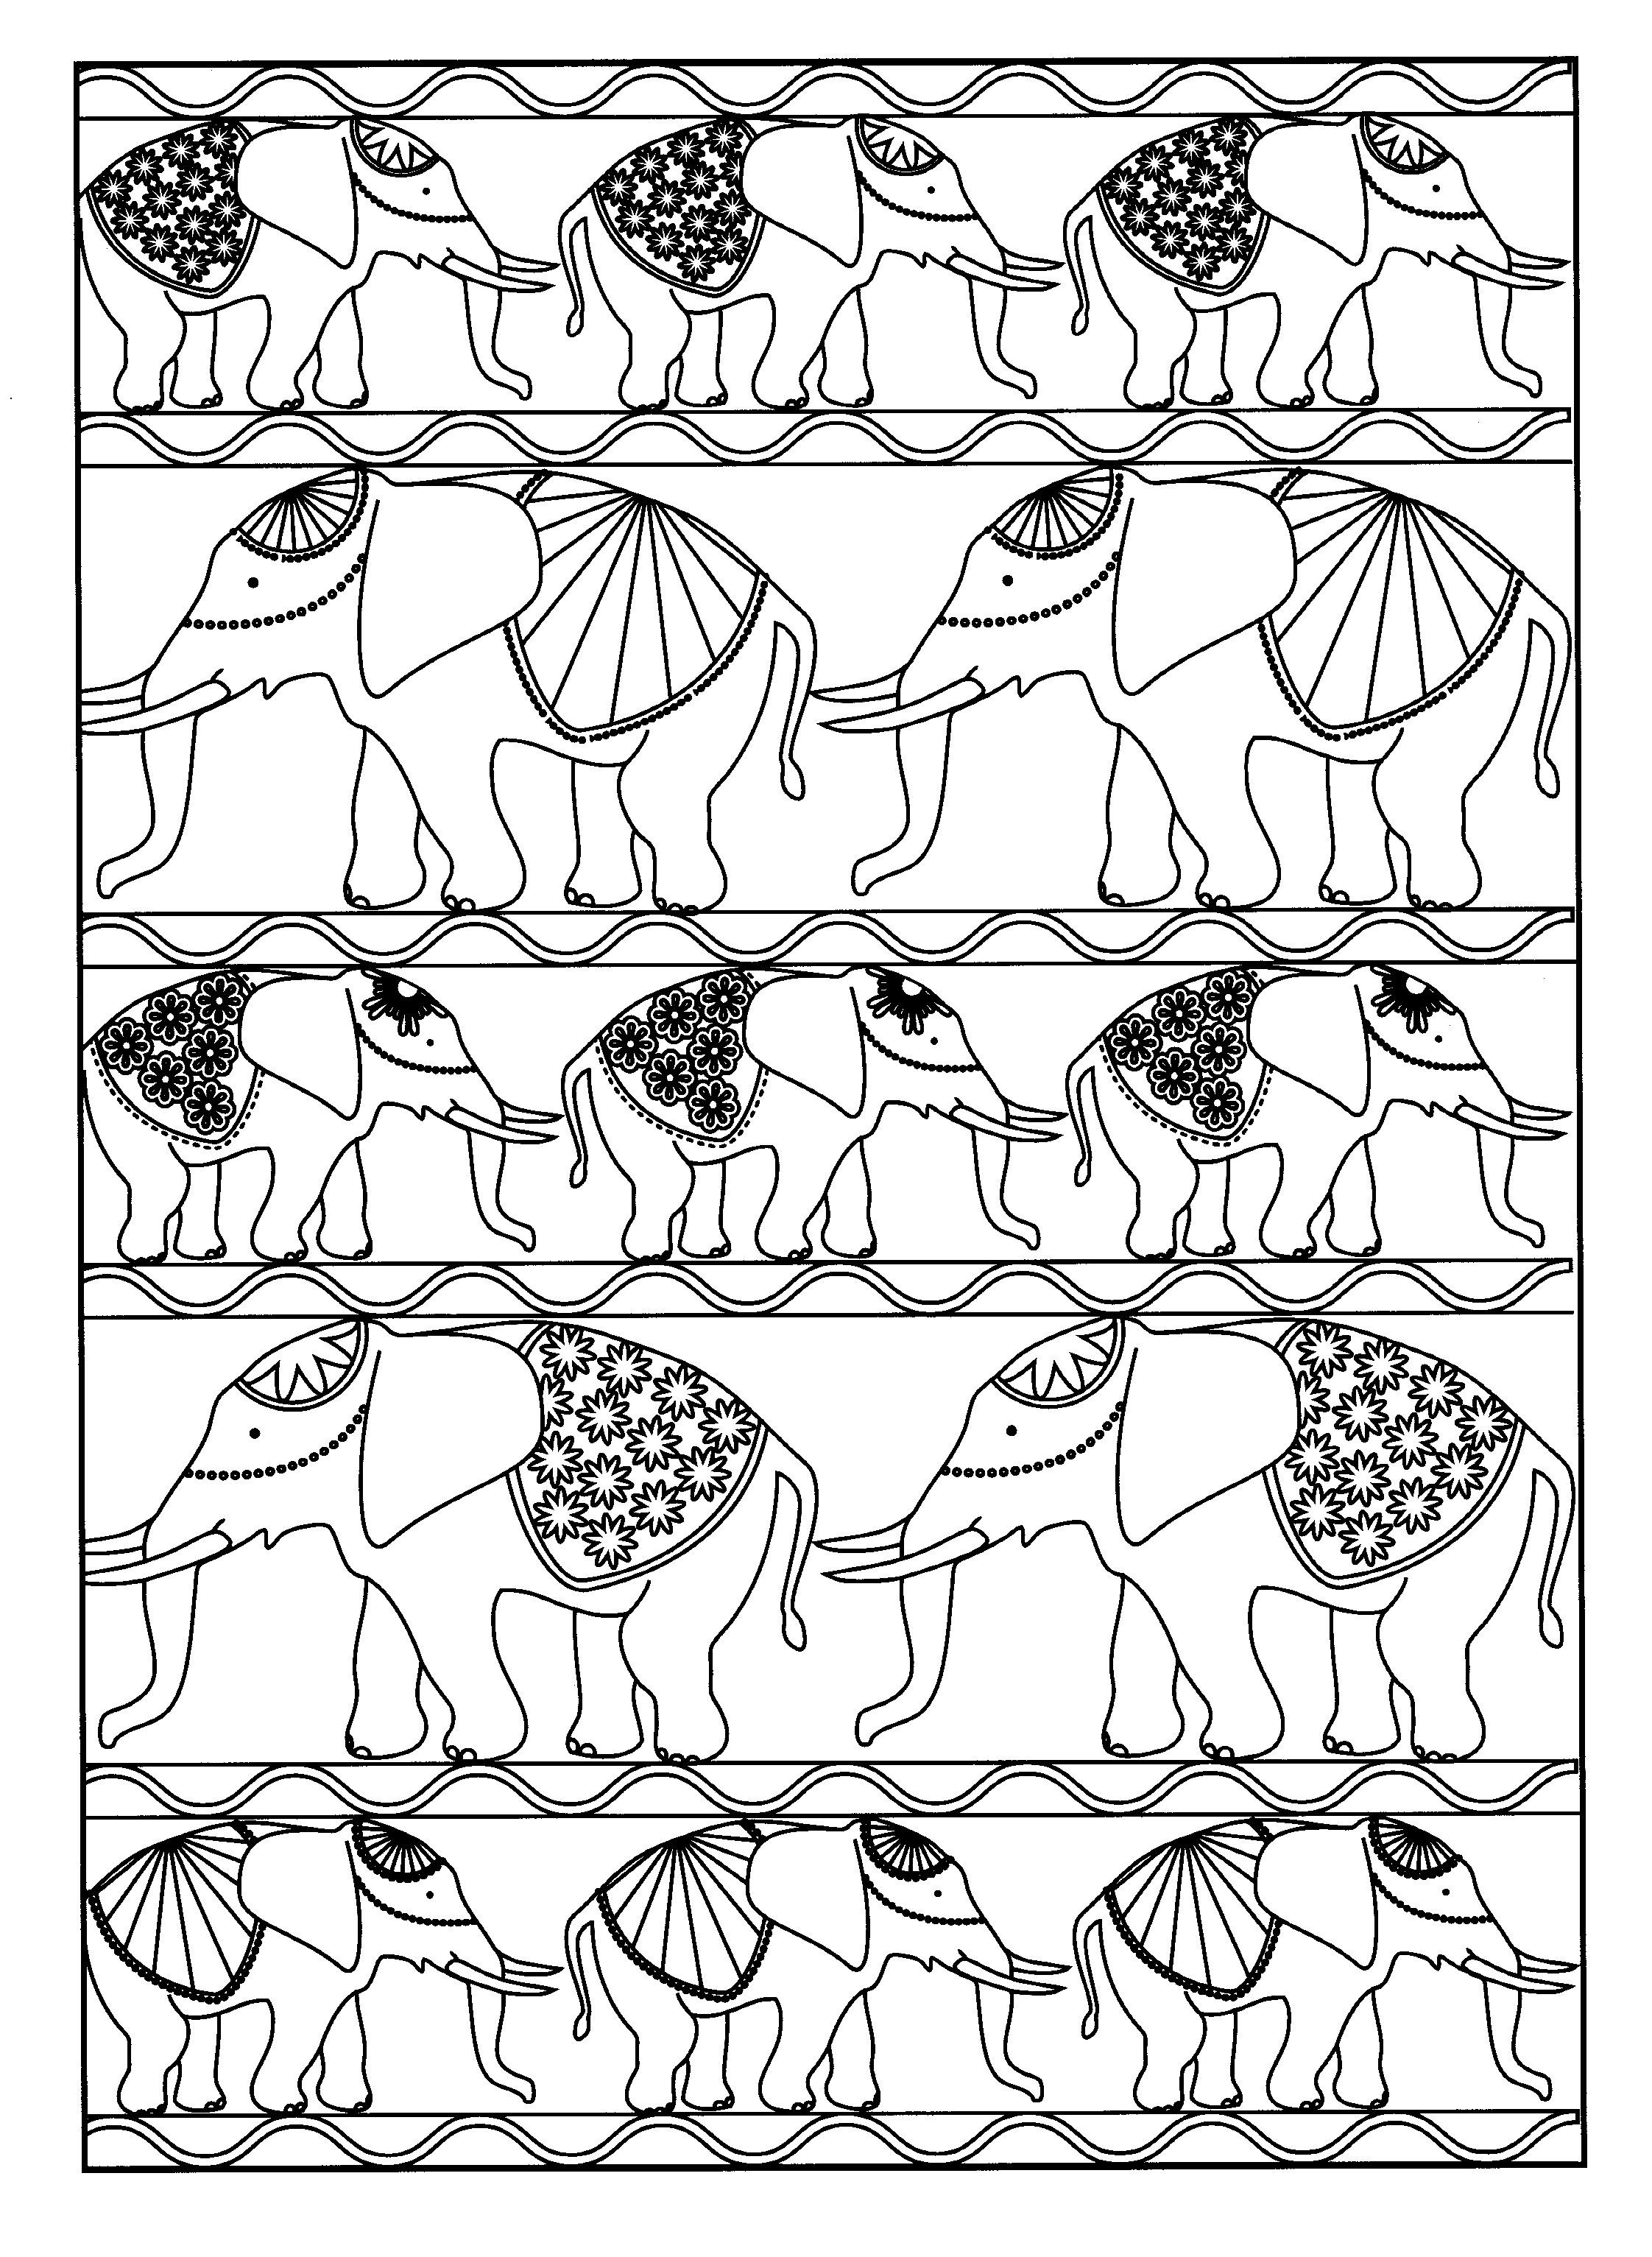 Disegni da colorare per adulti : Elefanti - 6